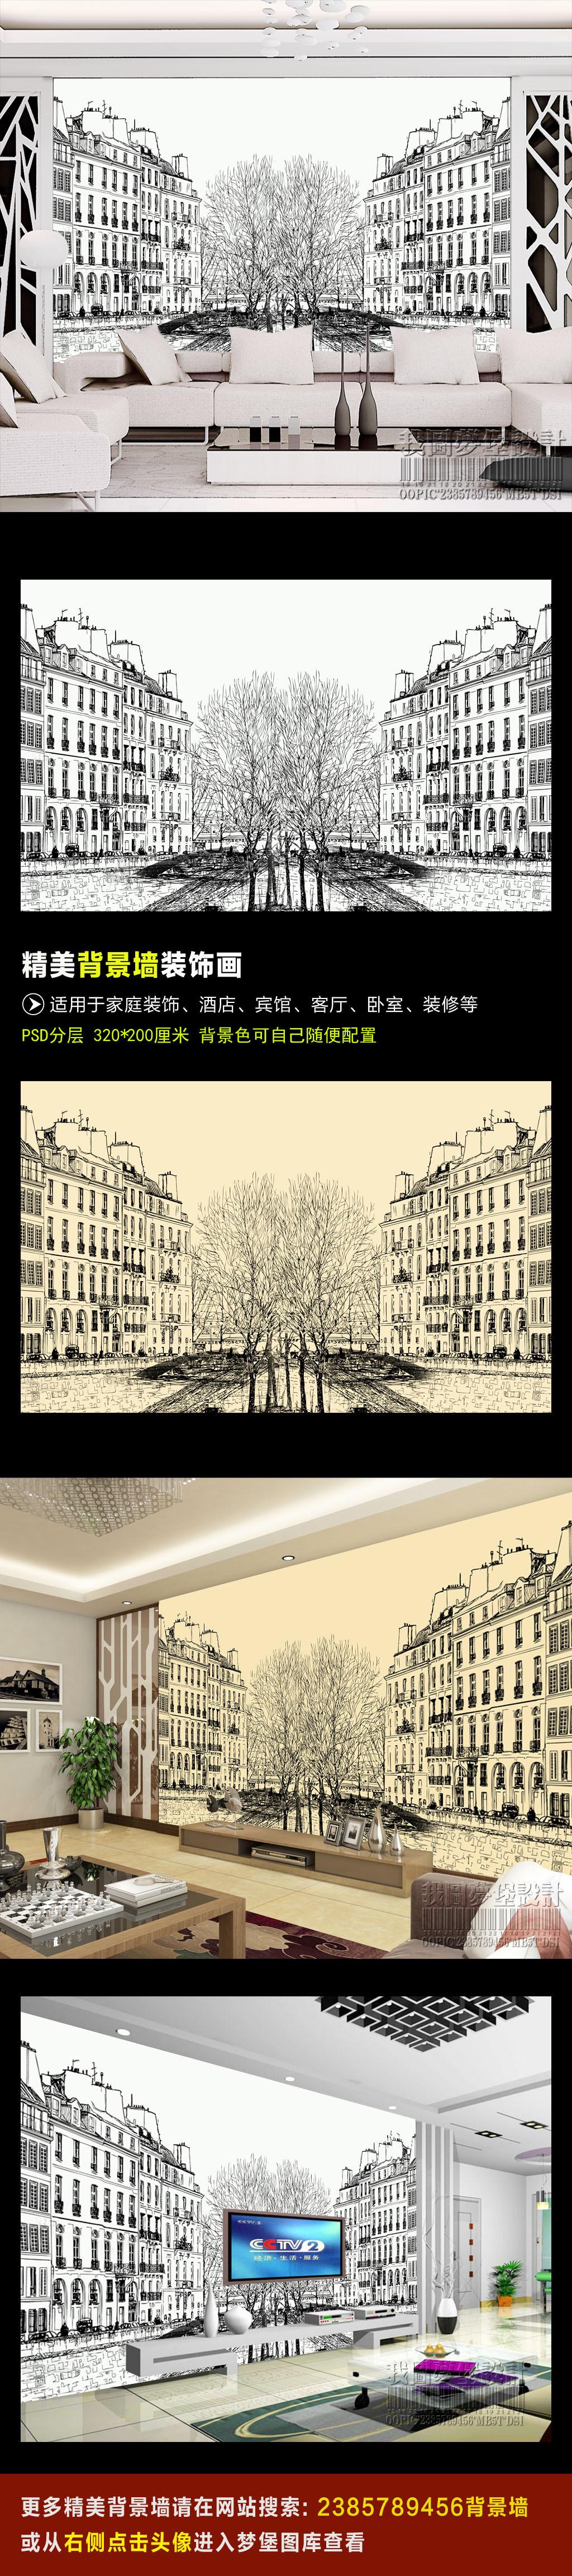 抽象手绘立体 3d 欧式建筑树枝 枯枝 水彩 水墨 瓷砖 电视背景墙 沙发